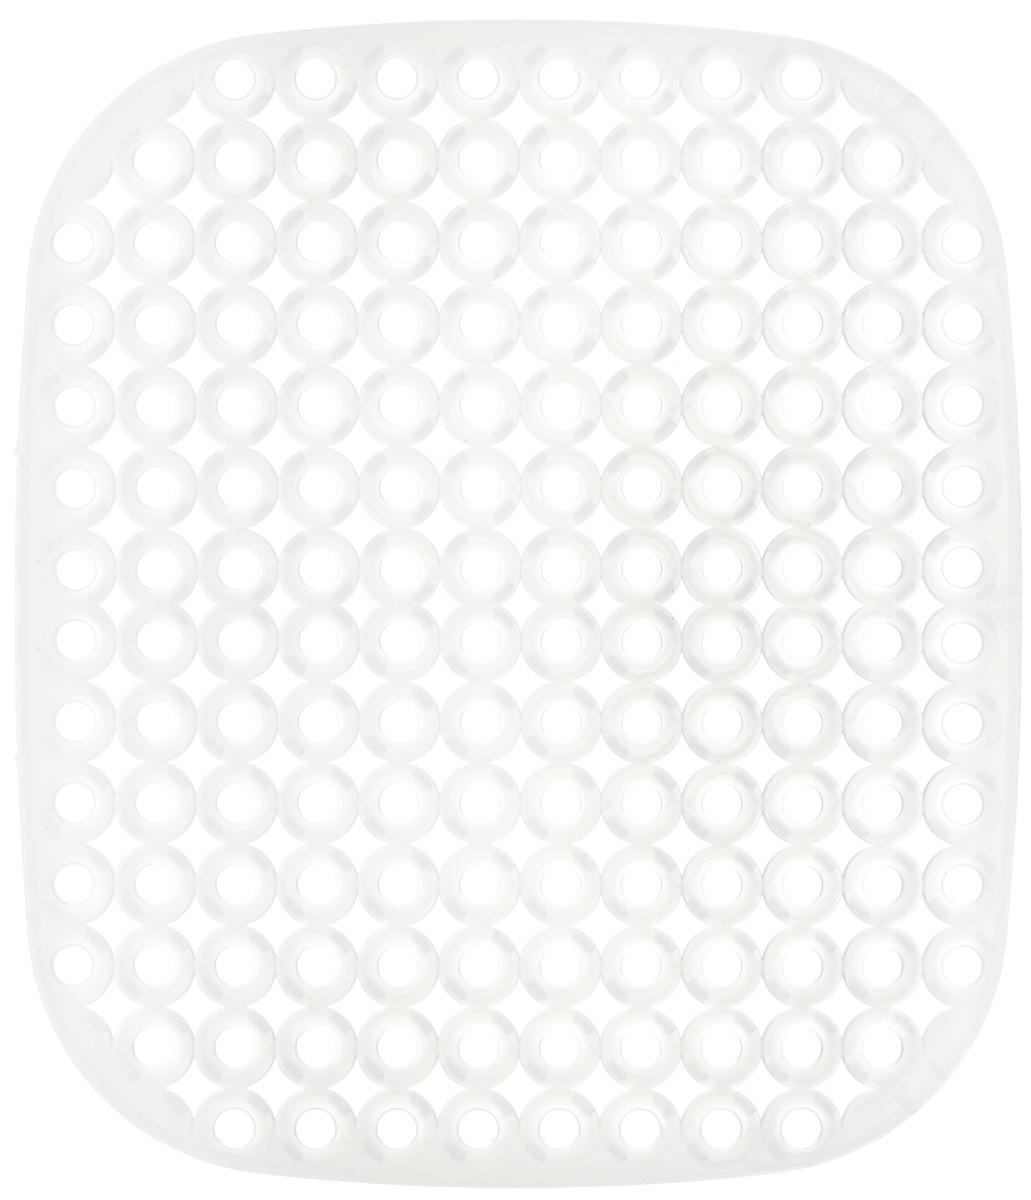 Коврик для раковины Tescoma Clean Kit, цвет: полупрозрачный, 32 х 28 см790009Стильный и удобный коврик для раковины Tescoma Clean Kit выполнен из пластика. Он одновременно выполняет несколько функций: украшает, защищает мойку от царапин и сколов, смягчает удары при падении посуды в мойку, препятствует разбрызгиванию струи воды. Коврик также можно использовать для сушки посуды, фруктов и овощей.Нельзя мыть в посудомоечной машине.